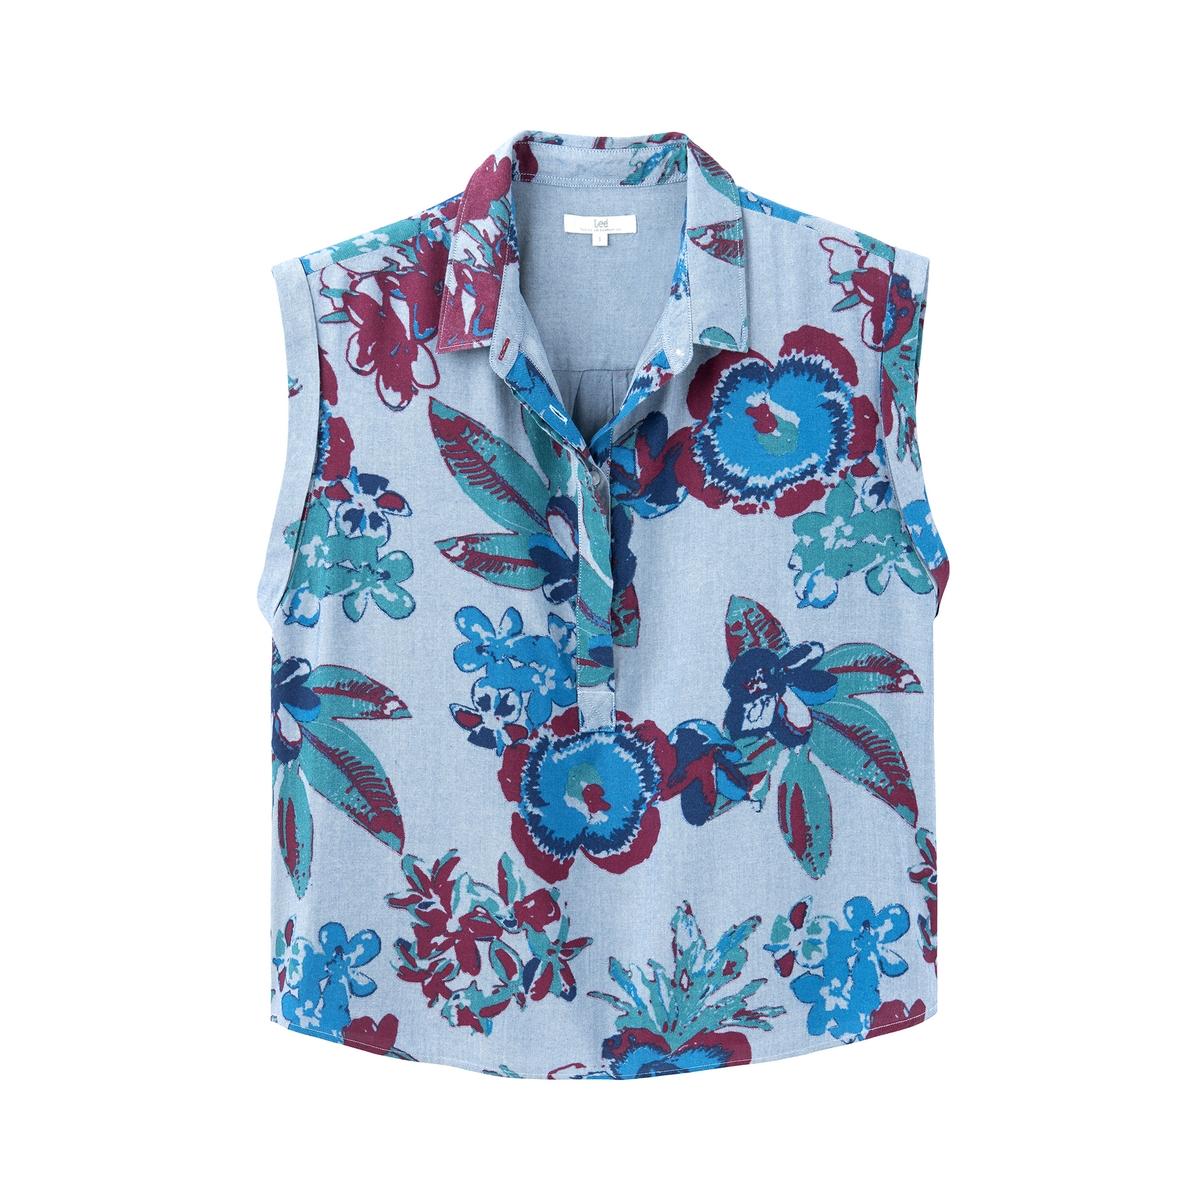 Camisa corta con estampado de flores, sin mangas